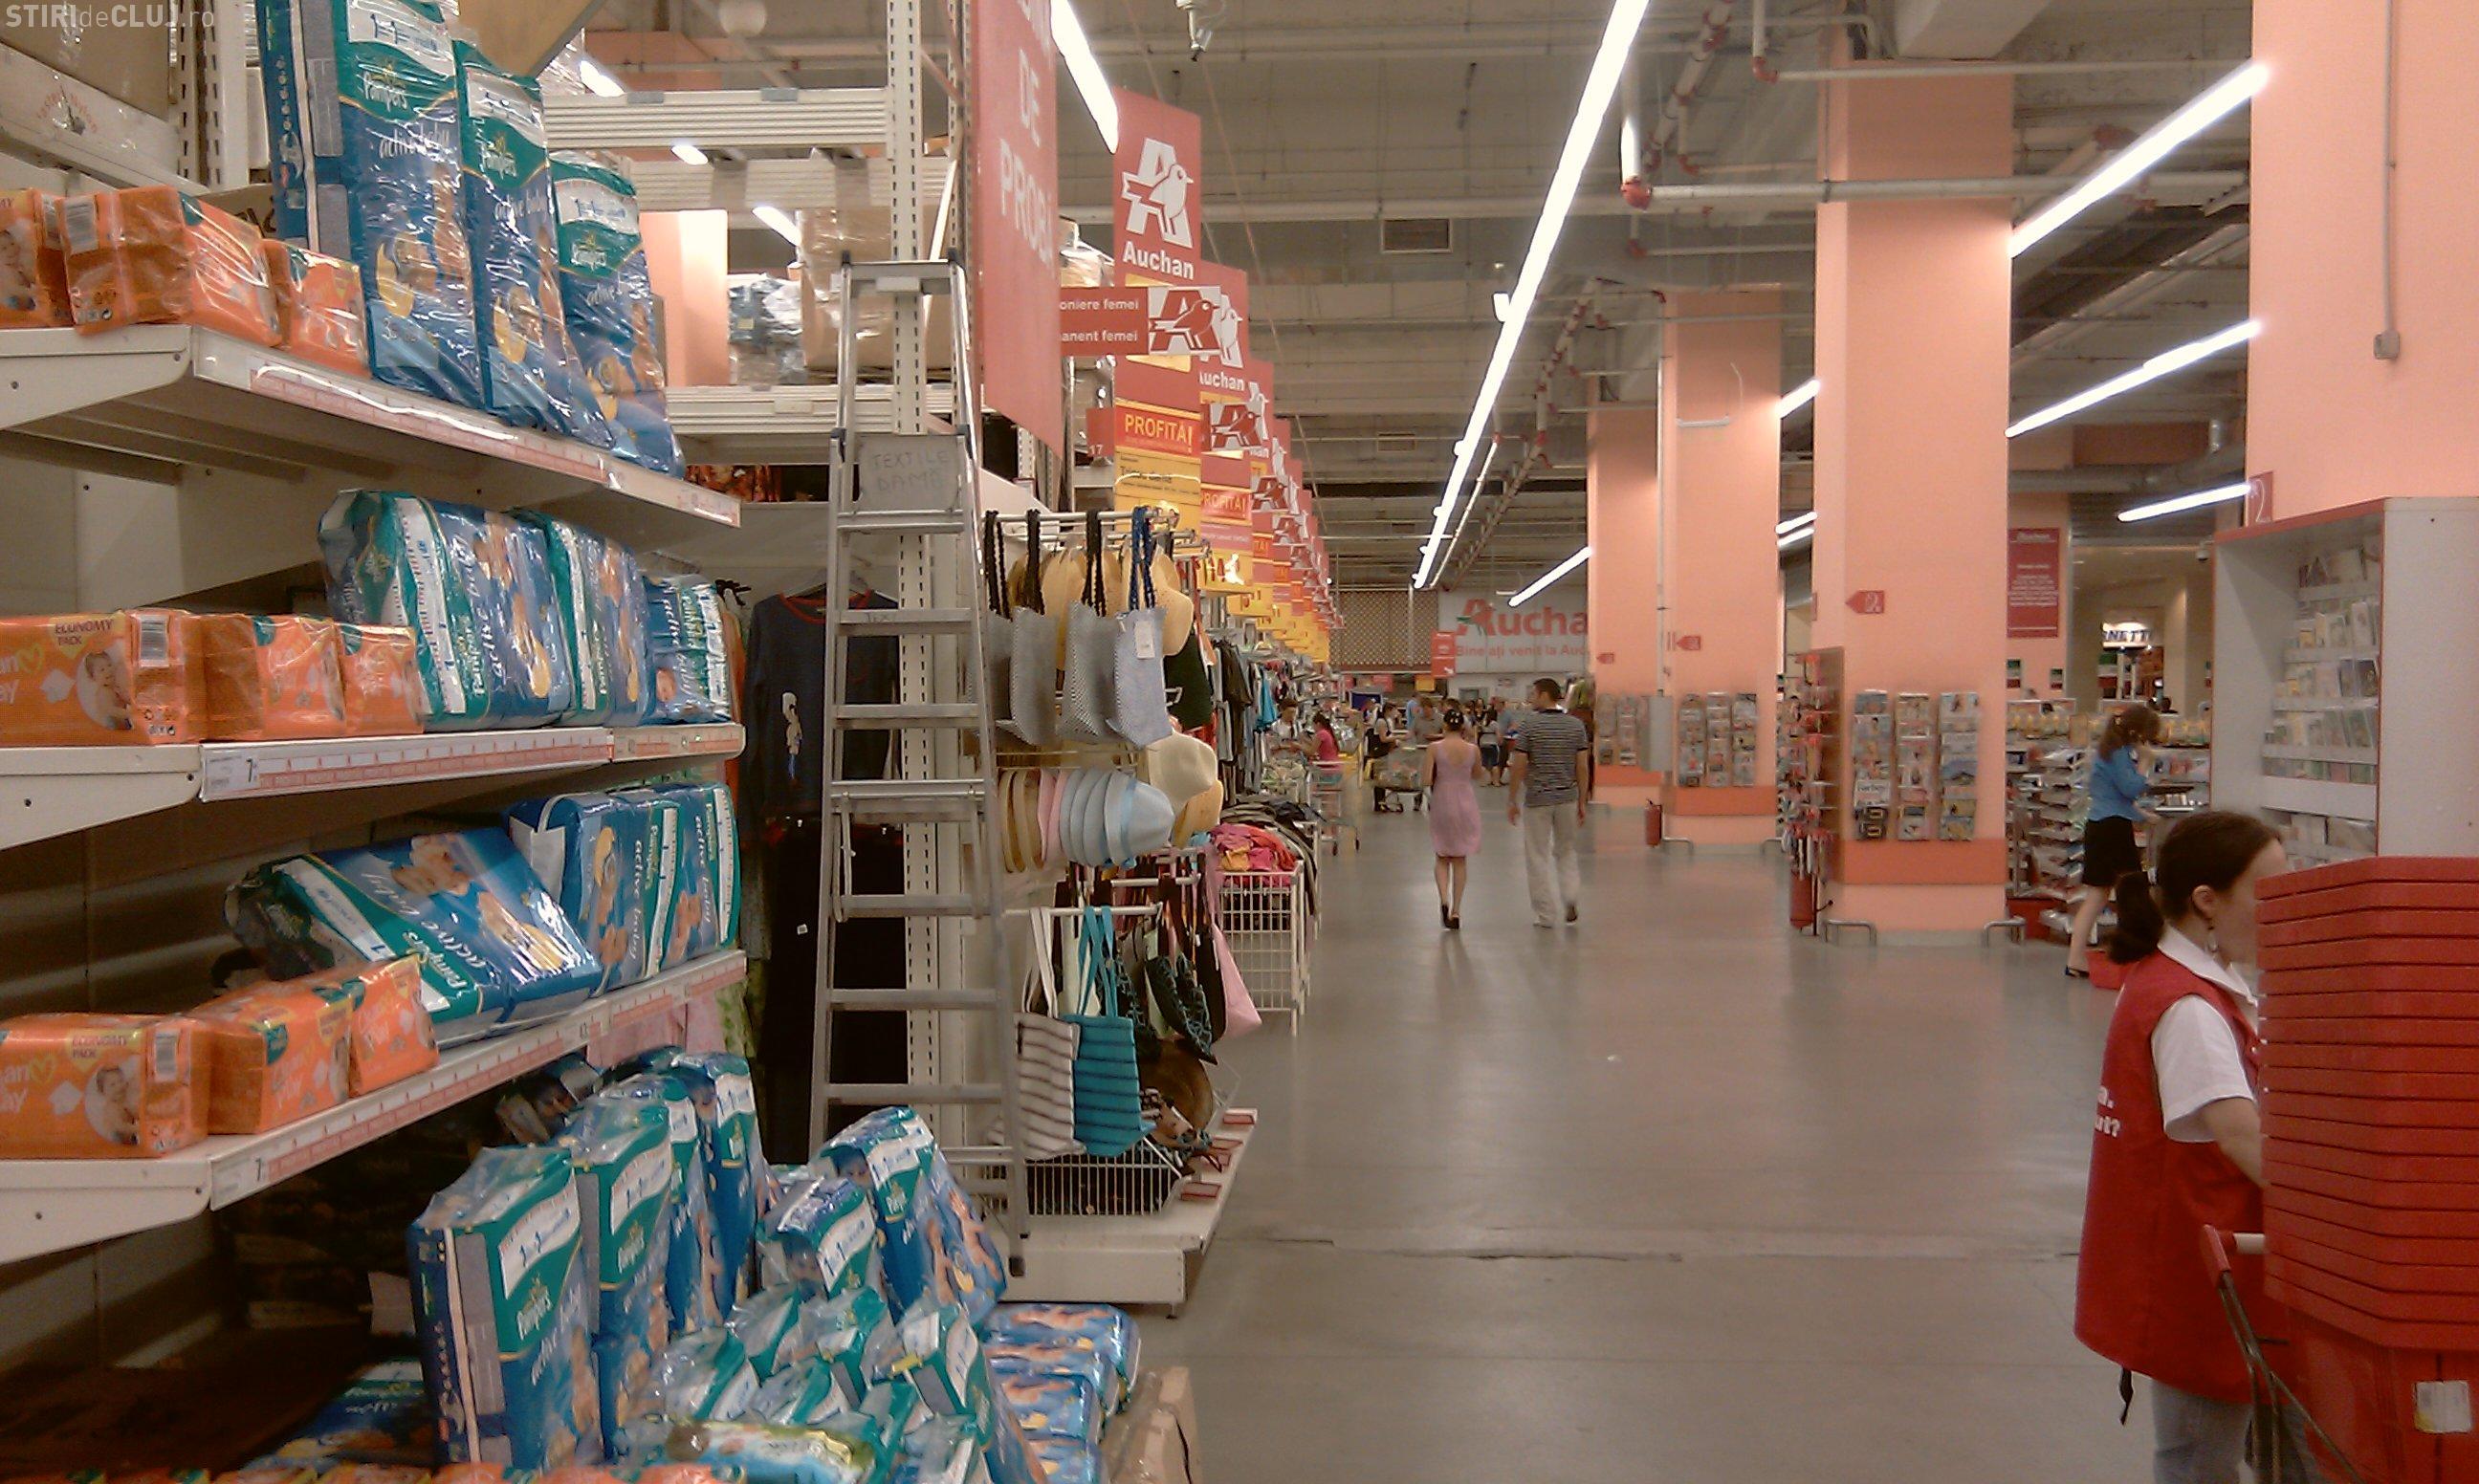 """Marile supermarketuri cred că """"noile taxe vor duce la sărăcirea populaţiei şi vor aduce mai puţini bani la buget"""""""